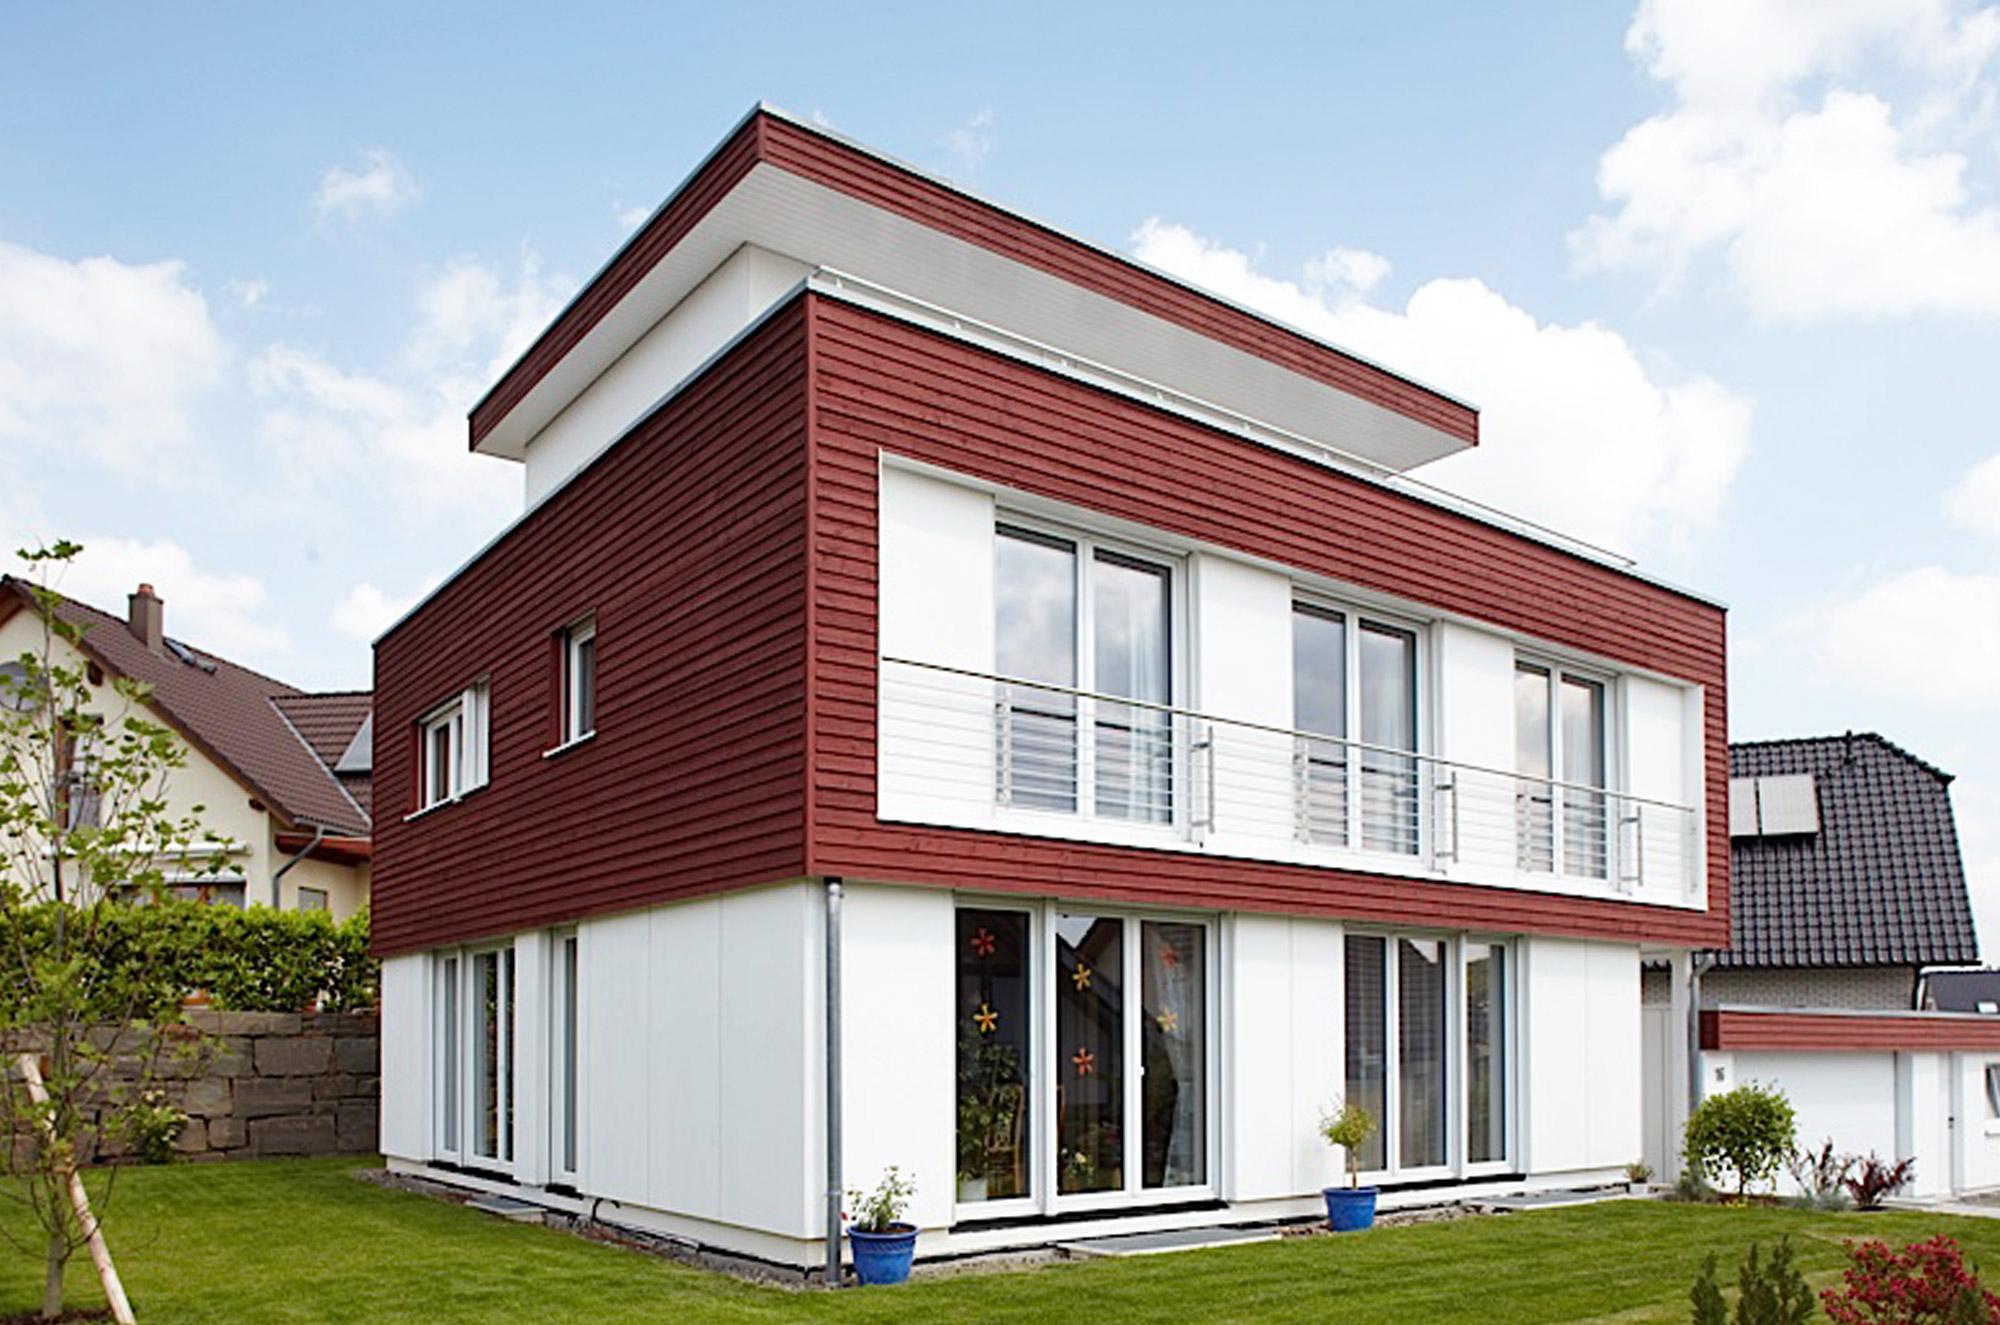 Hausbau-Bauhaus Ruhrgebiet